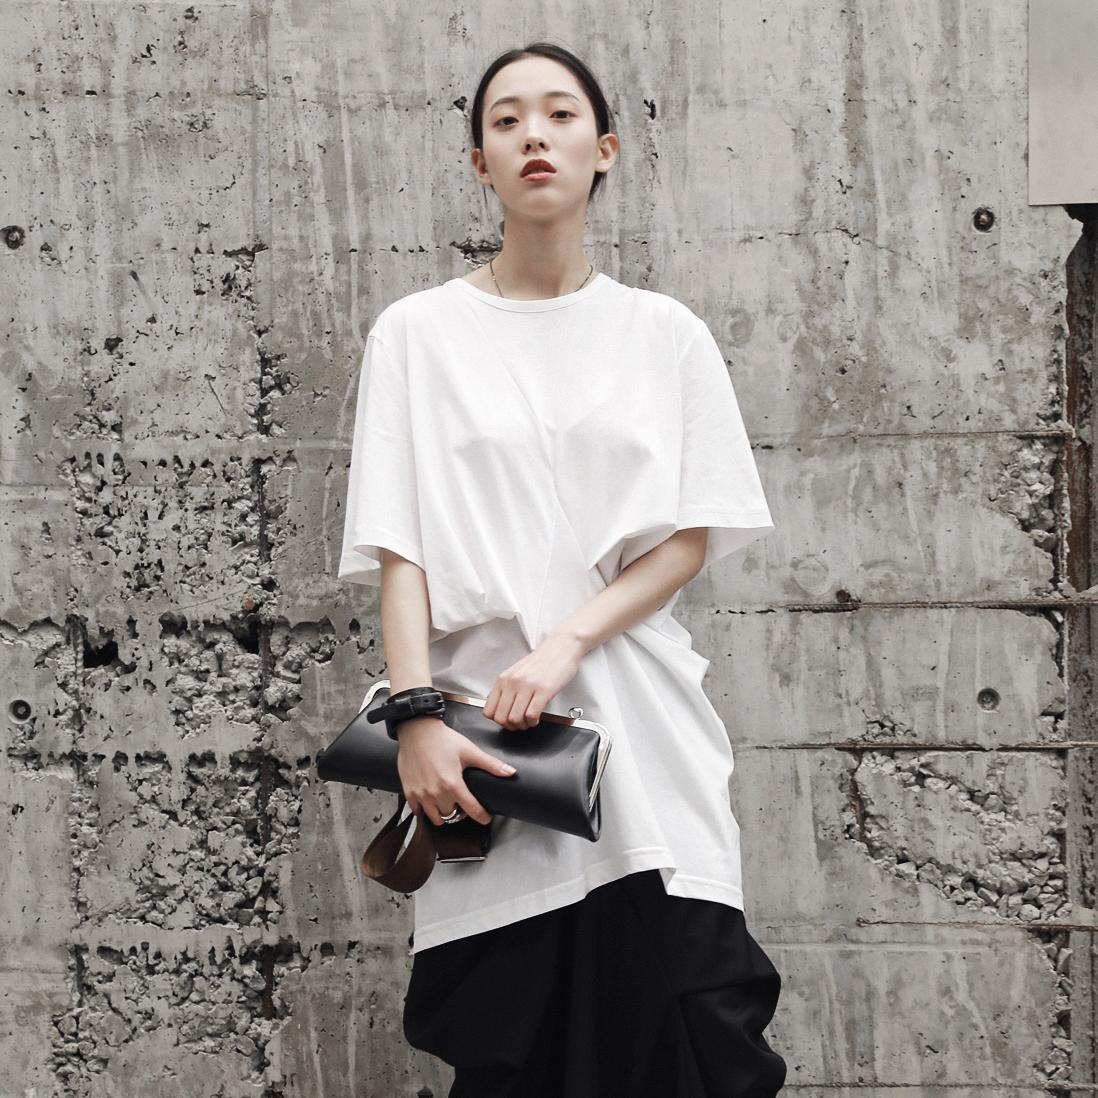 SIMPLE BLACK 暗黑风夏季褶皱捏花设计宽松中性中长款情侣短袖T恤